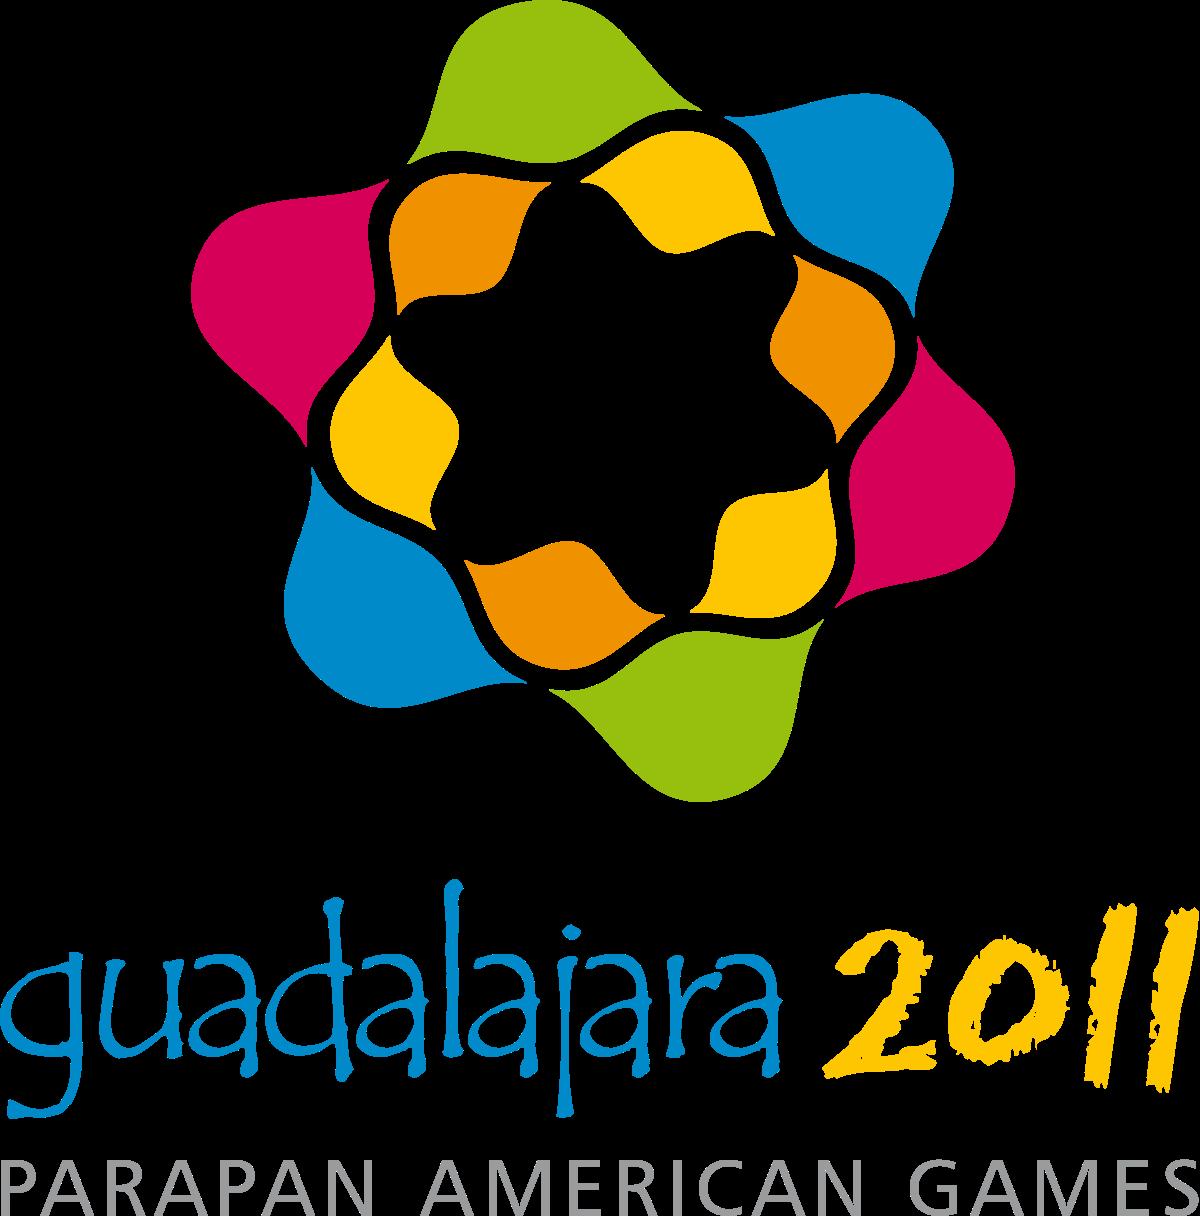 2011 Parapan American Games.